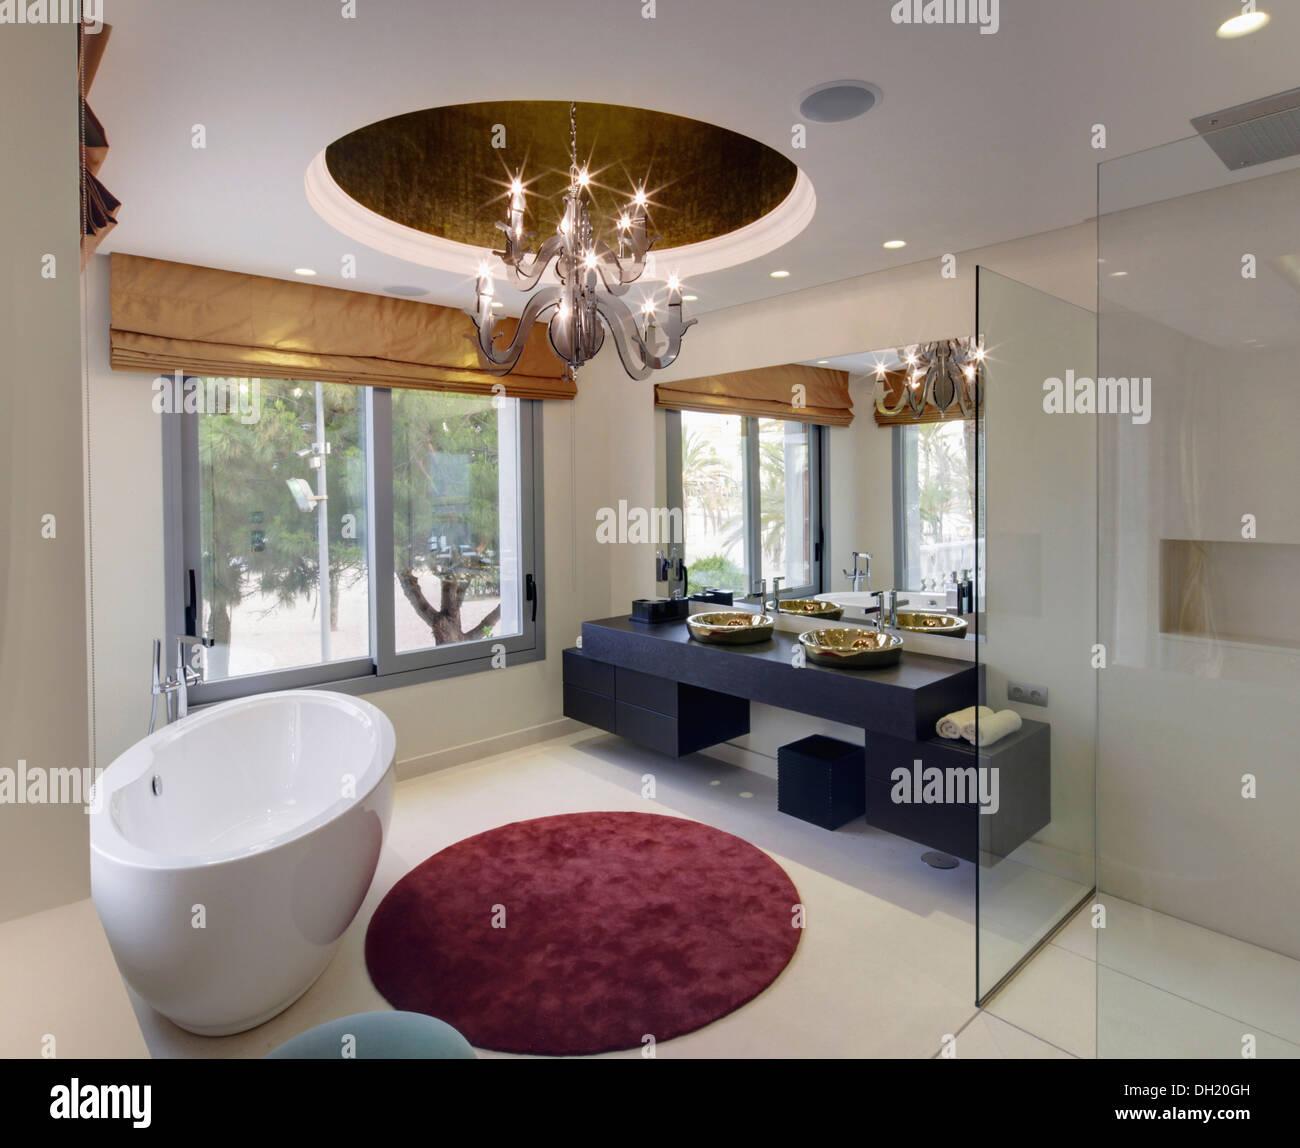 Oval Freestanding Vasca Circolare E Tappeto Nel Bagno Moderno Con Luce Centrale Di Raccordo E Grandi Finestre Foto Stock Alamy